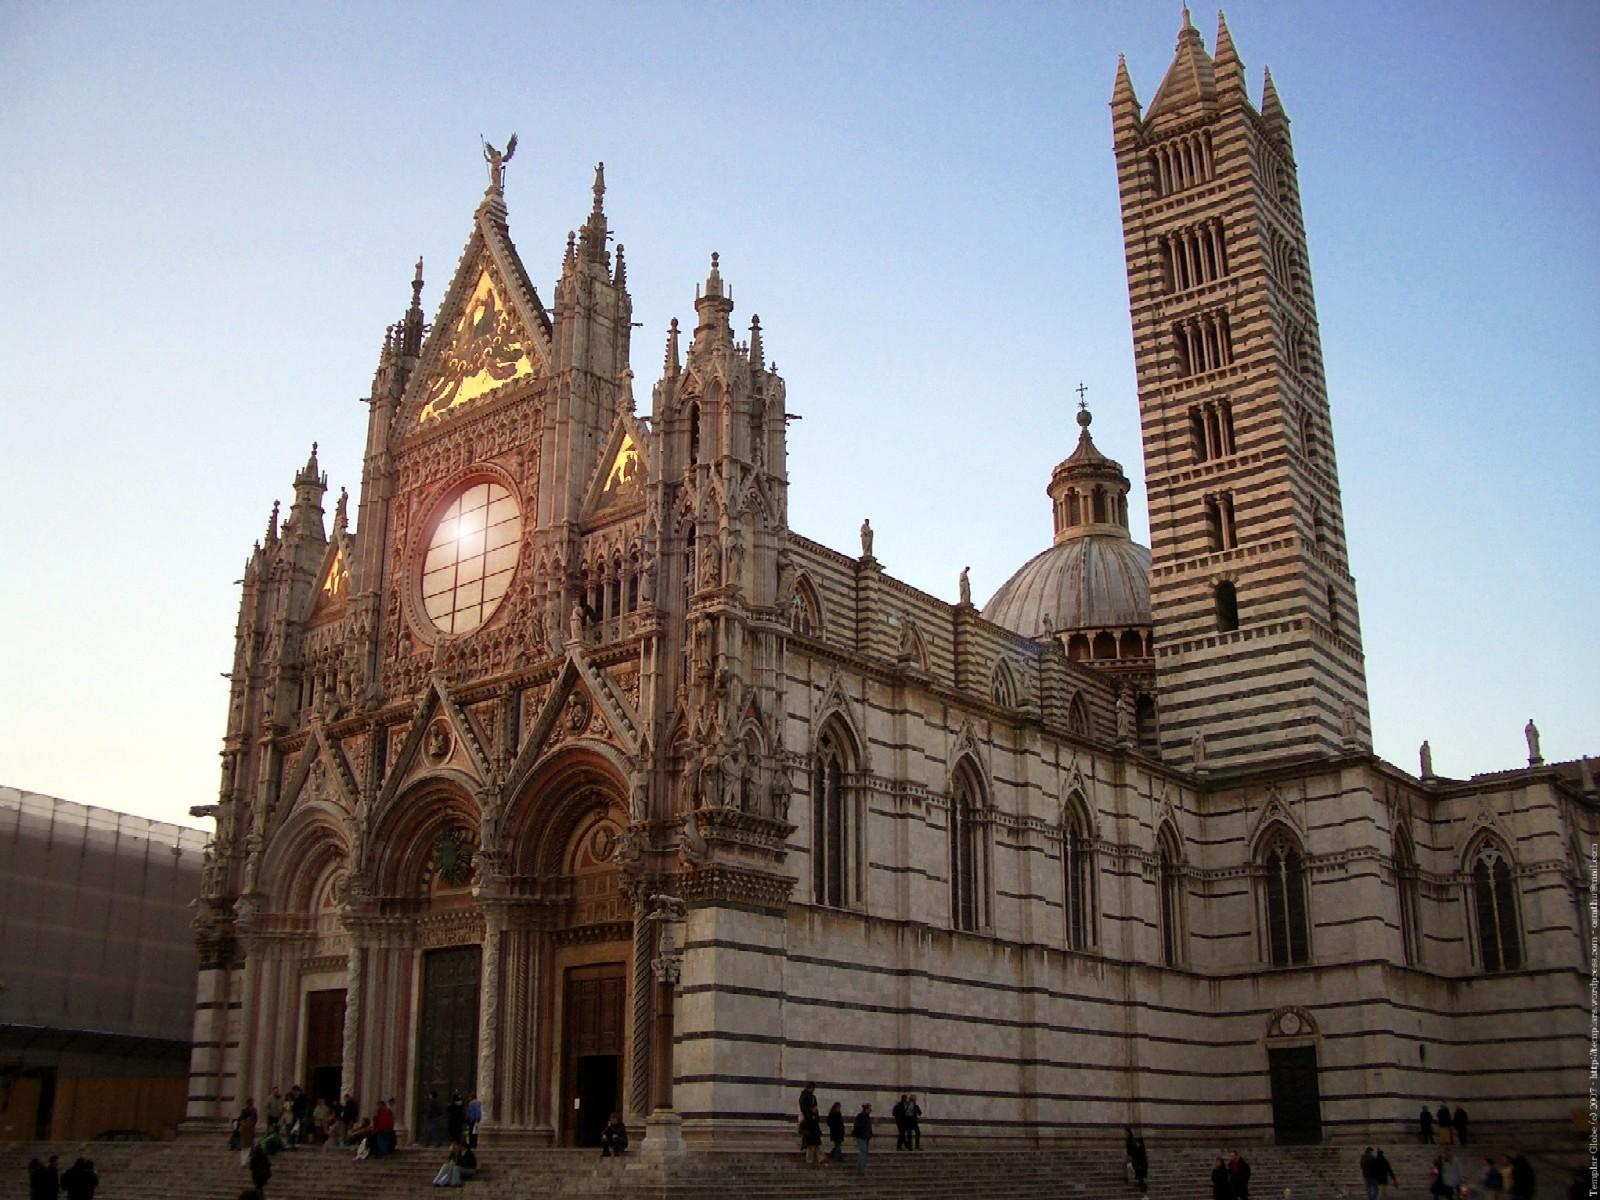 Сиенская церковь (Сиена, Италия) 1600x1200 450KB Архитектура Церкви